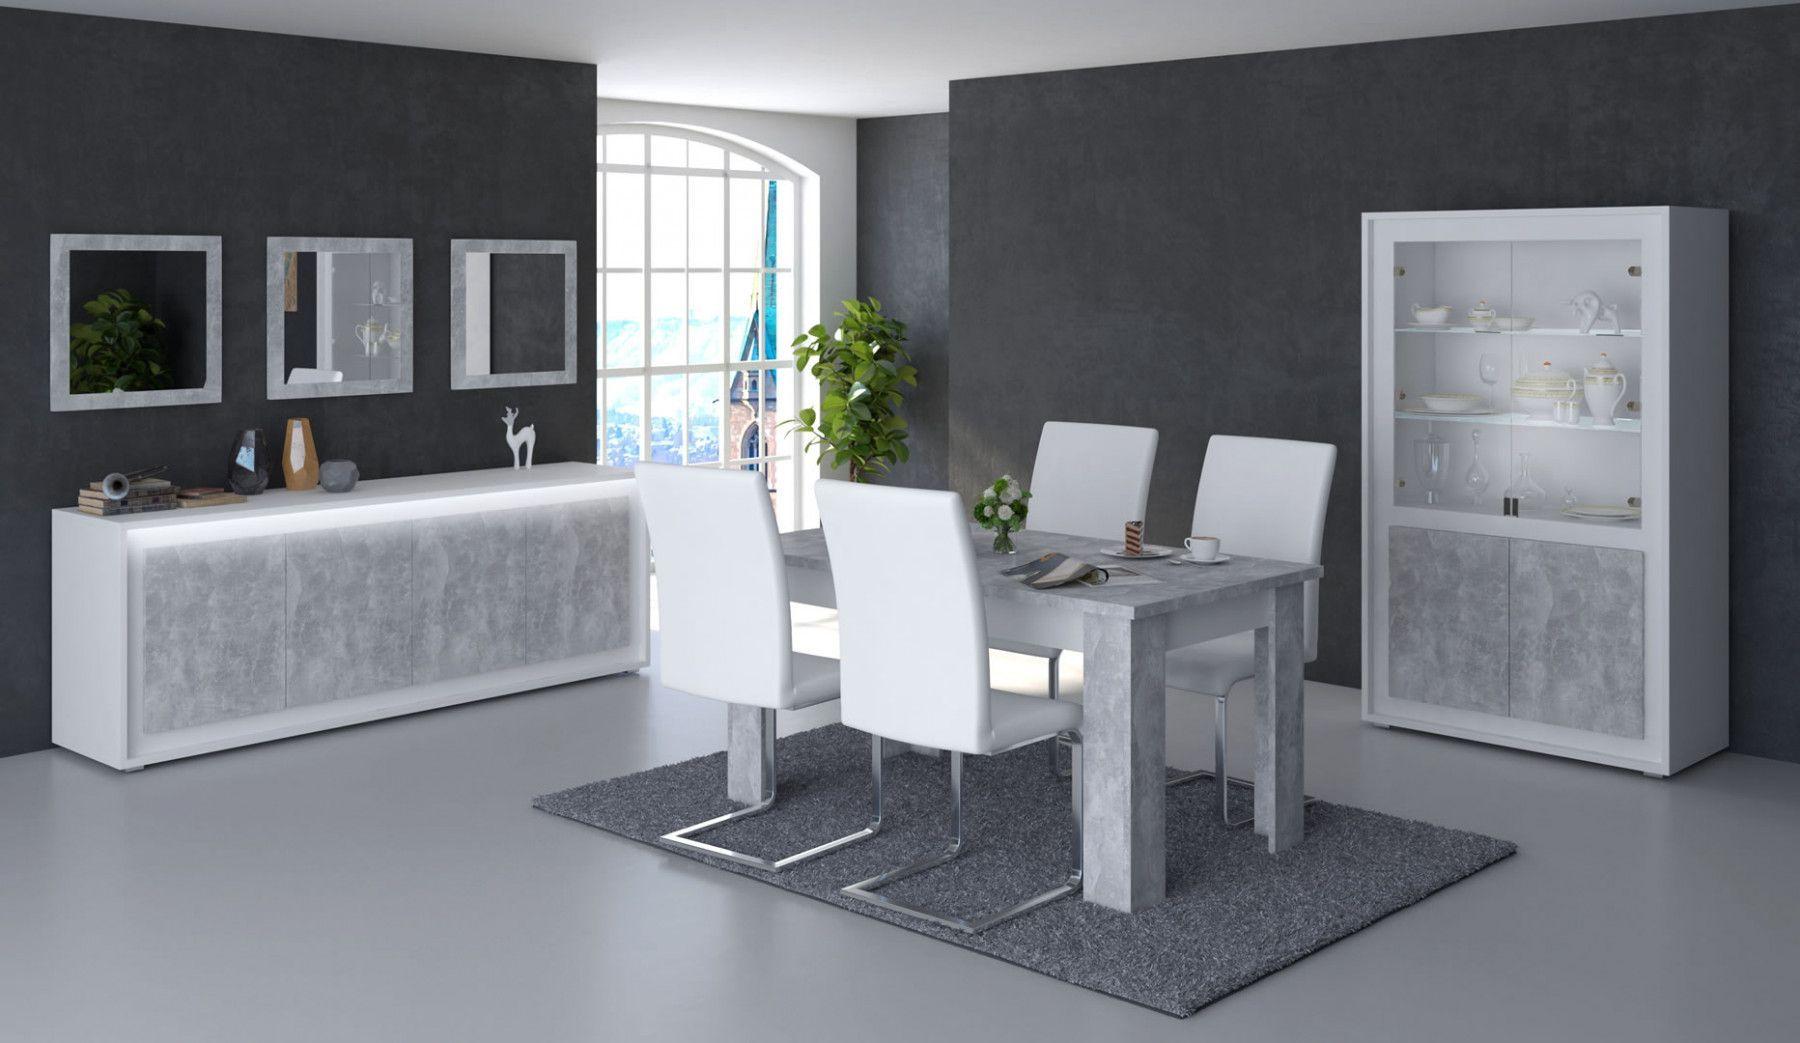 salle manger complte table 180 cm neon blanche et grise effet bton